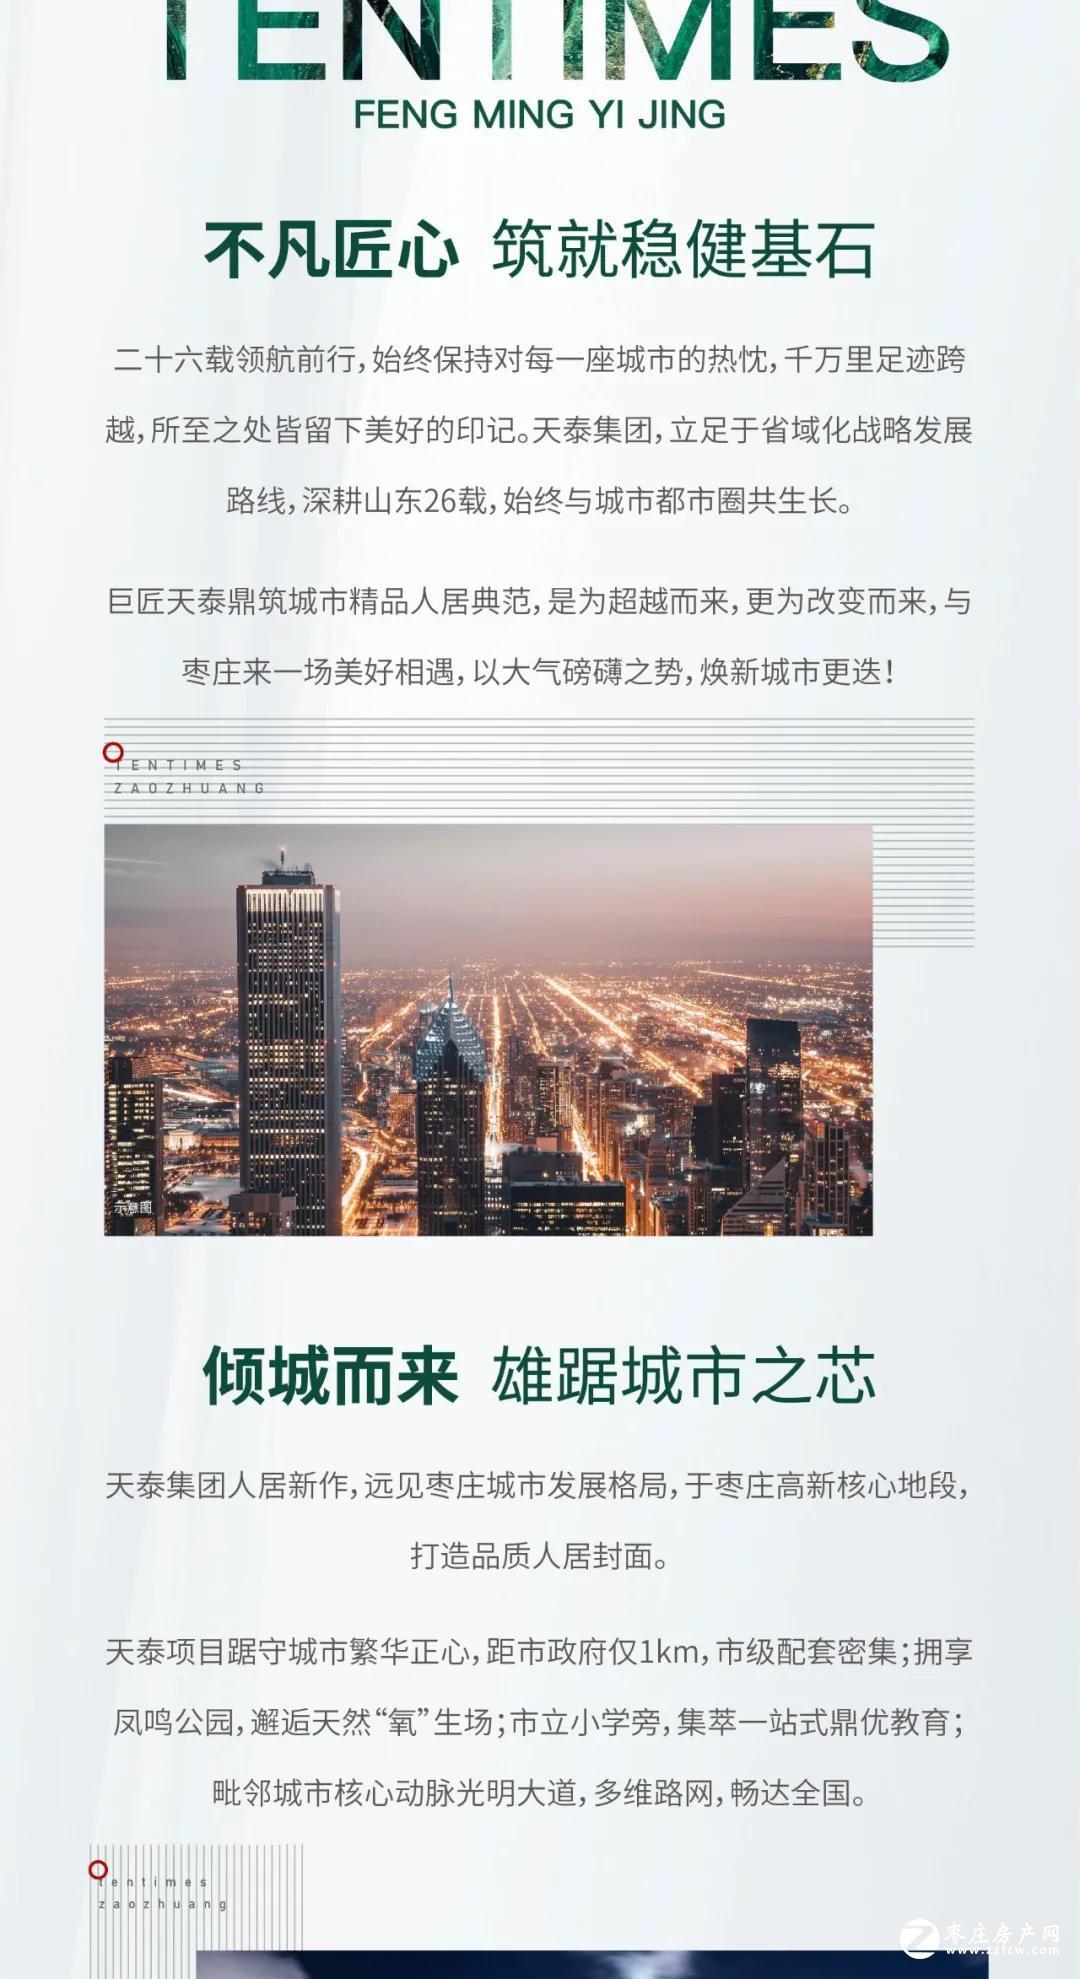 以凤之鸣 境遇美好 |天泰枣庄城市展厅 12月19日璀璨盛放